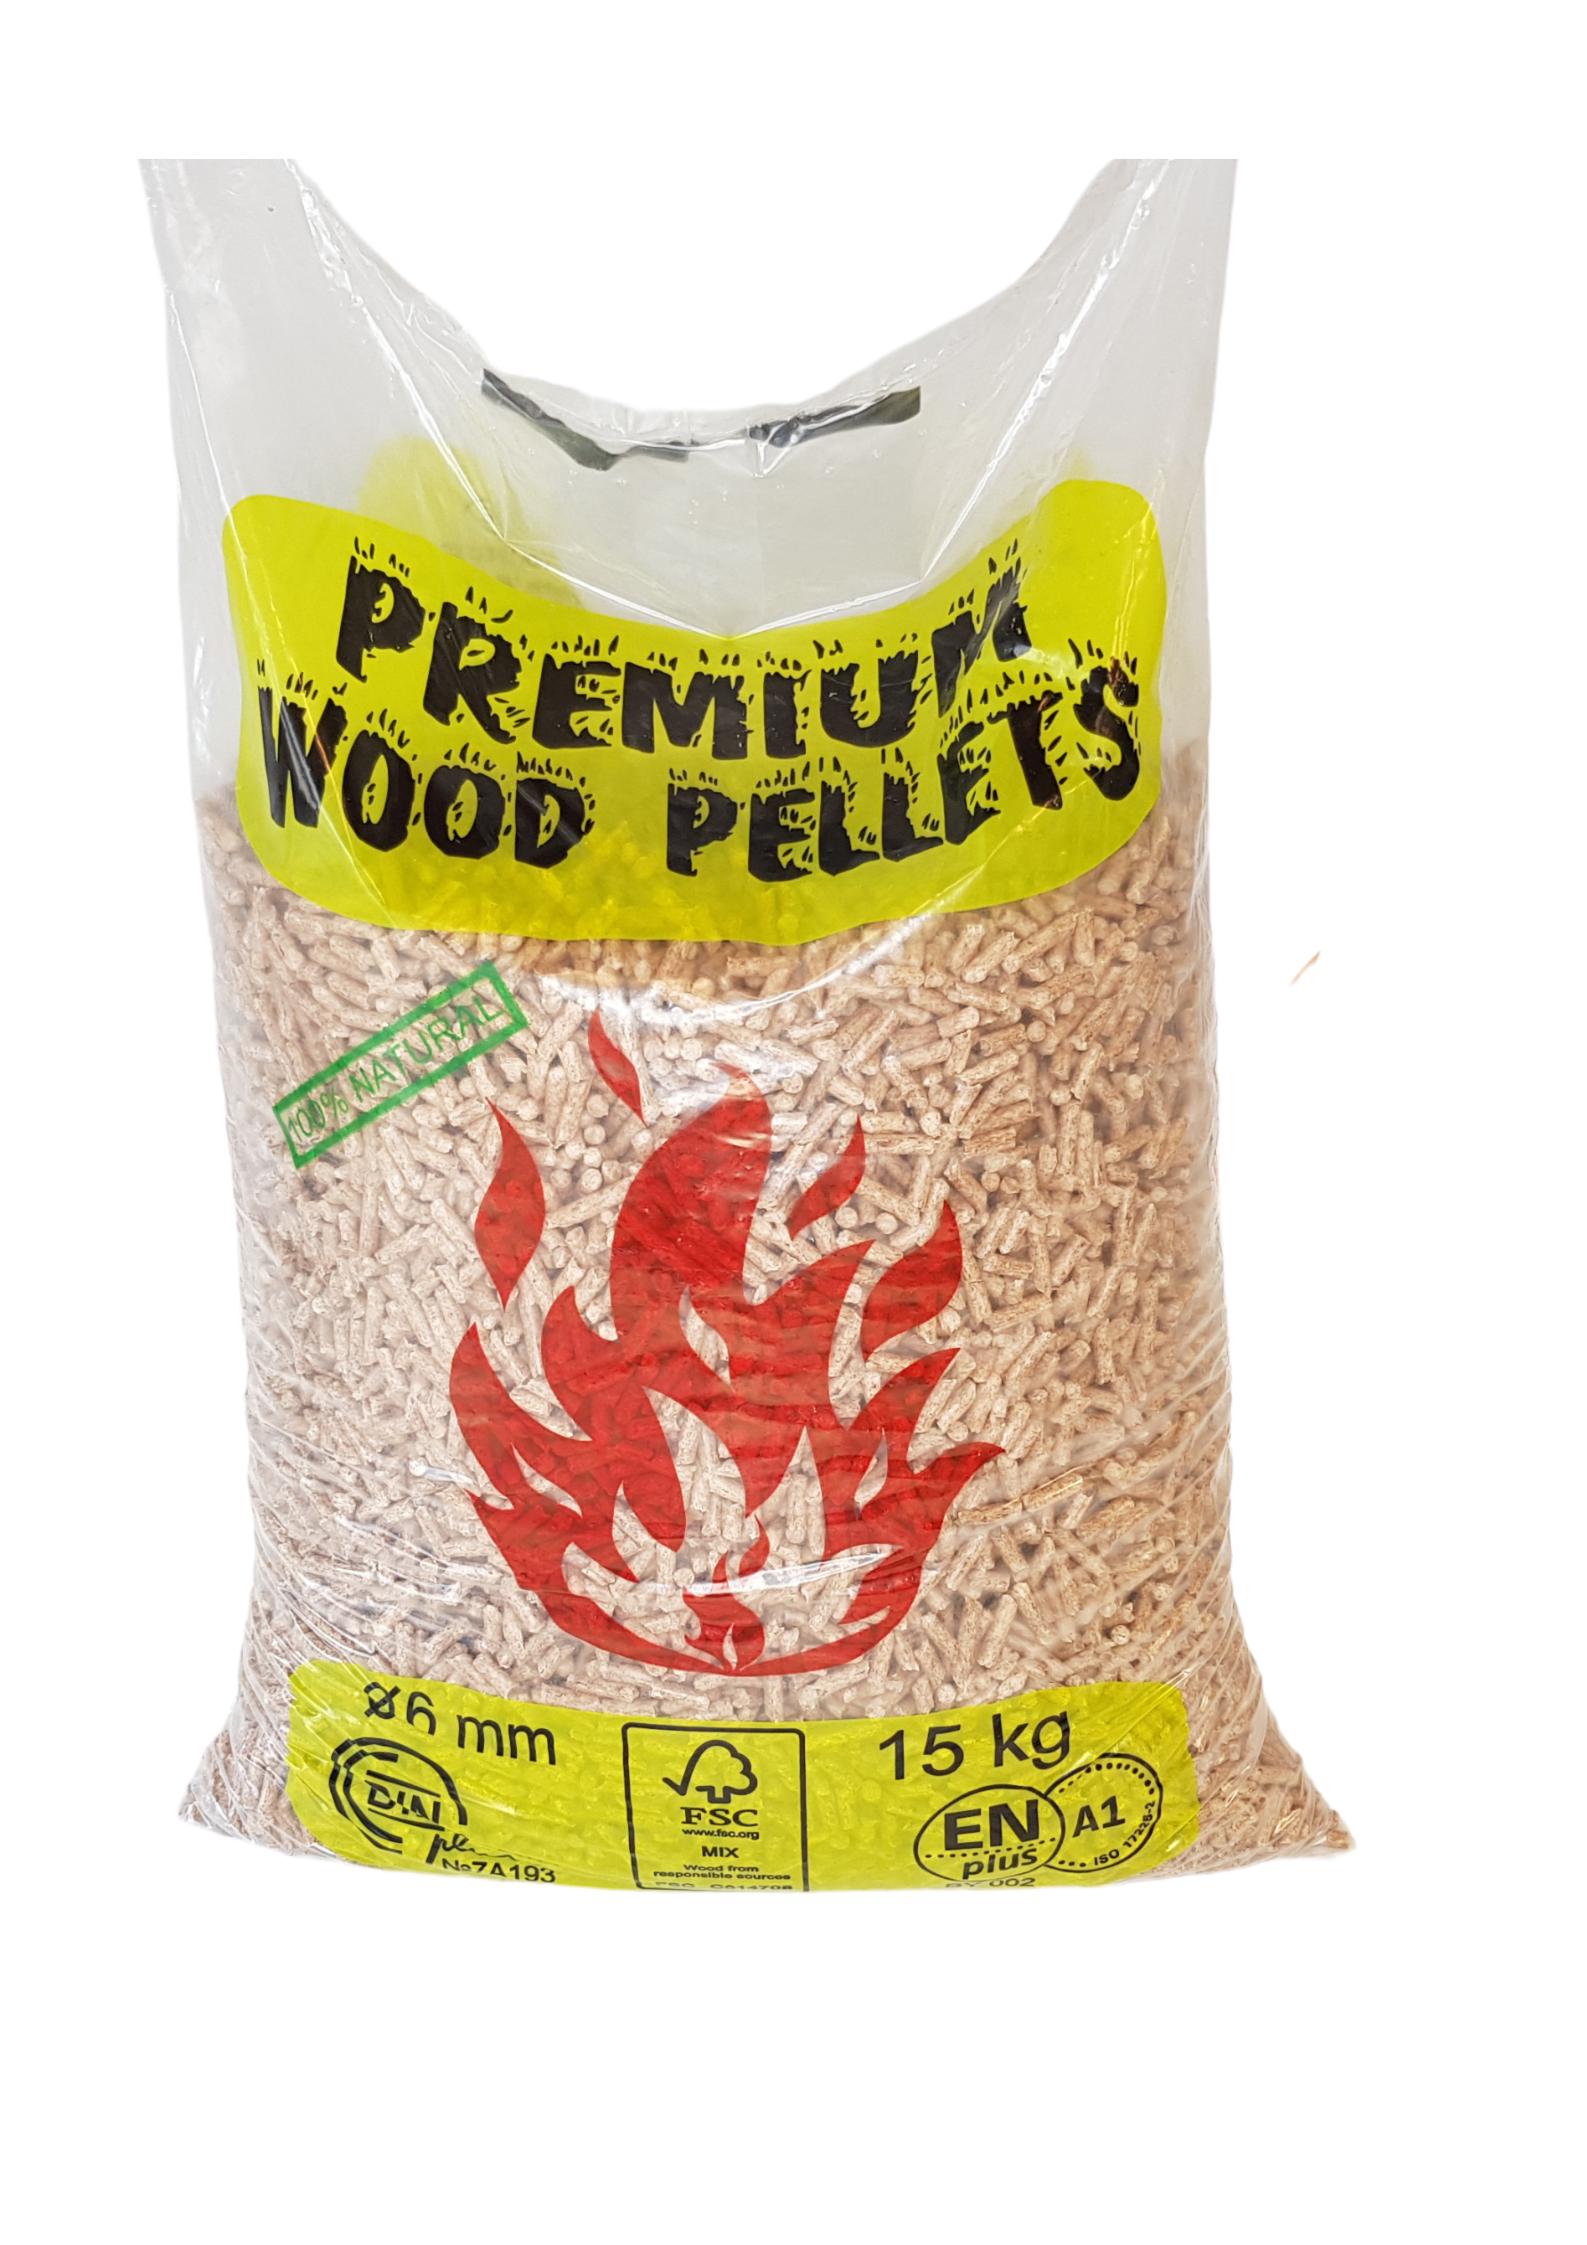 ENPlus A1 Premium Wood pellets 2